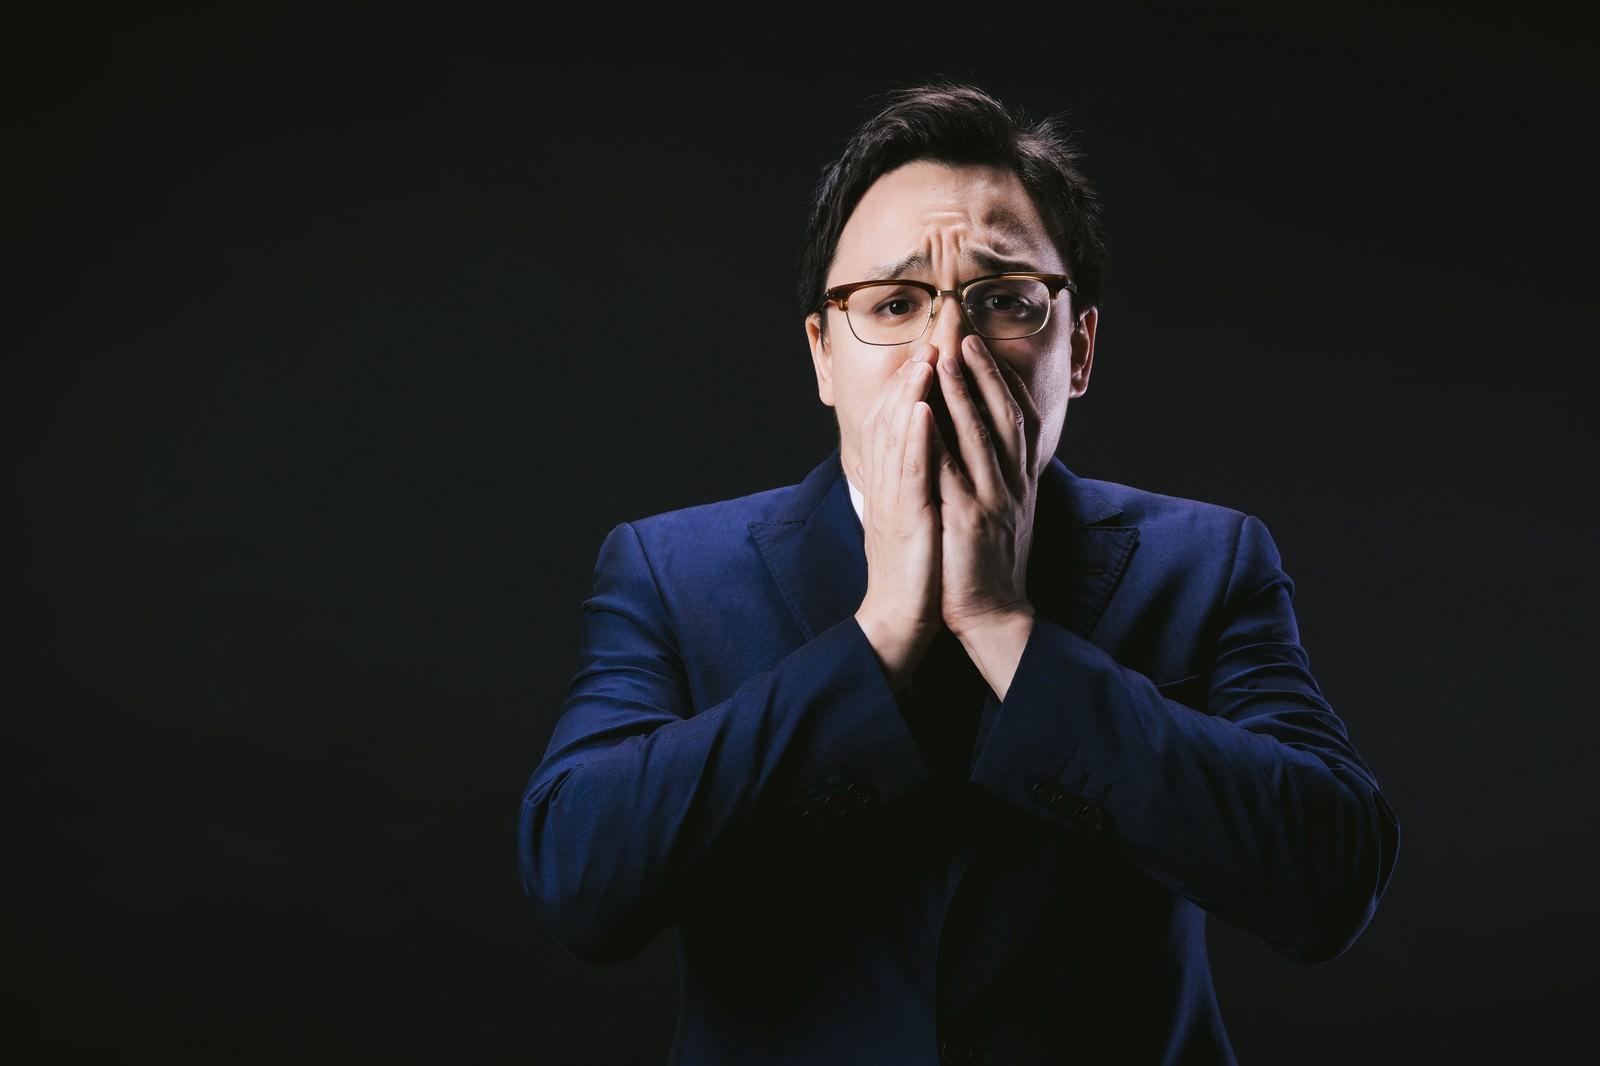 「口を抑えて絶望するドイツ人ハーフ」[モデル:Max_Ezaki]